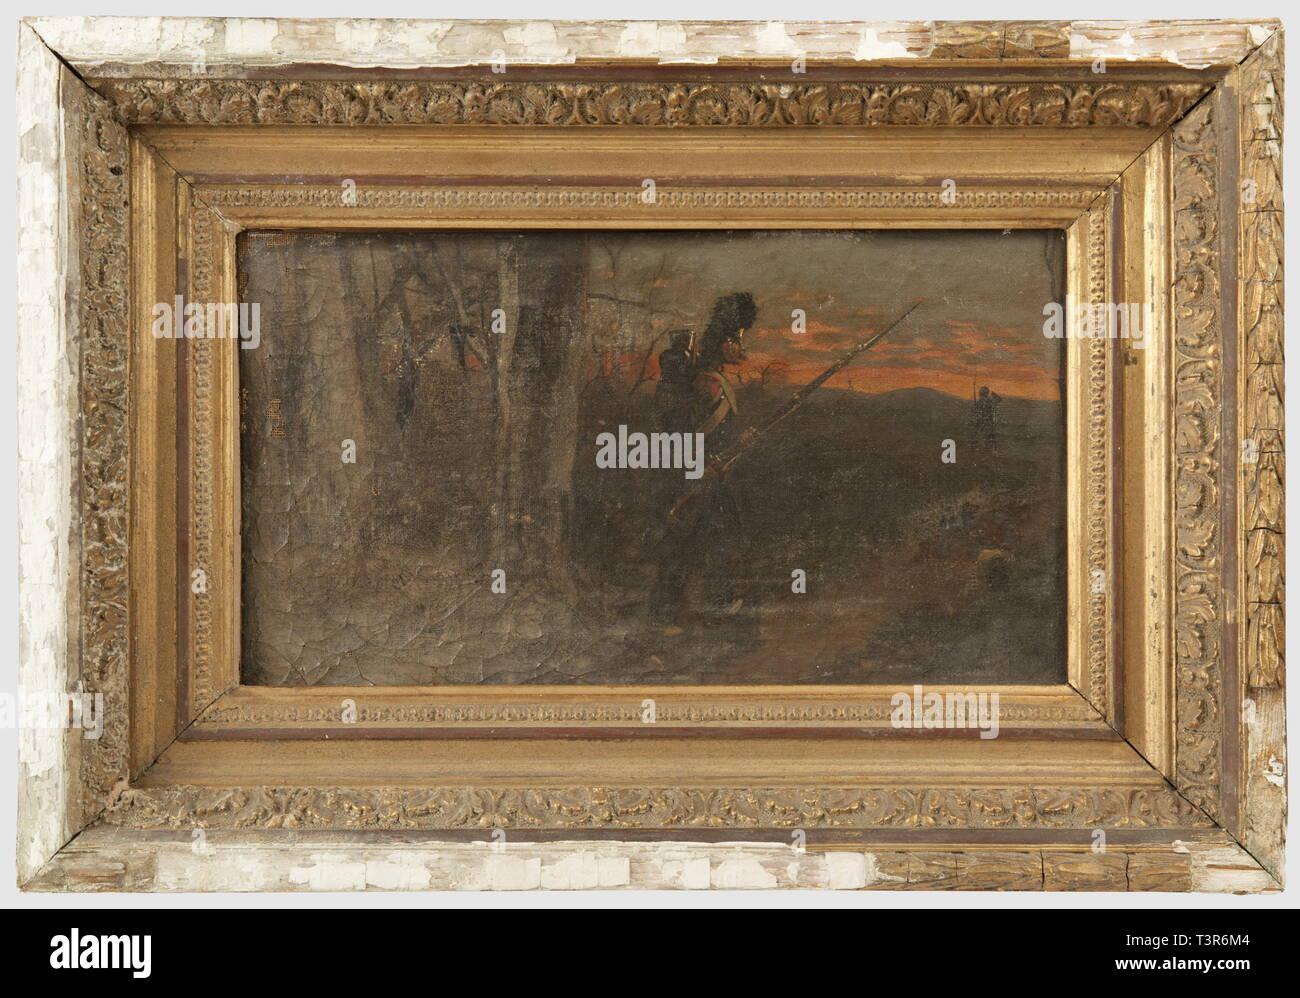 Lisiere Stockfotos & Lisiere Bilder - Alamy